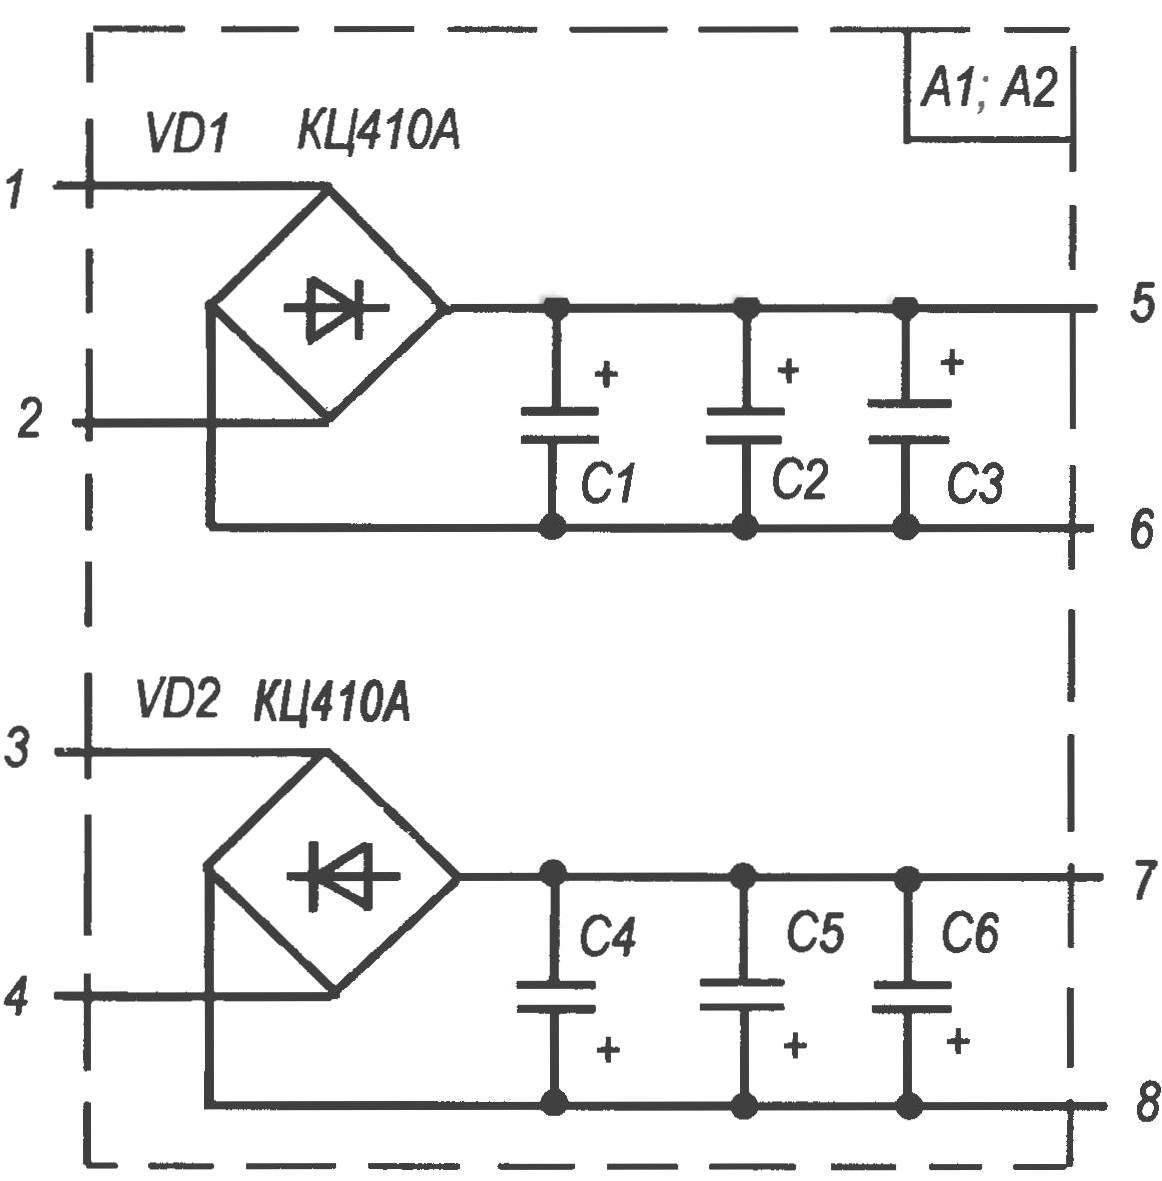 Схема мостовых выпрямителей модулей А1 и А2. Разница в исполнении модулей